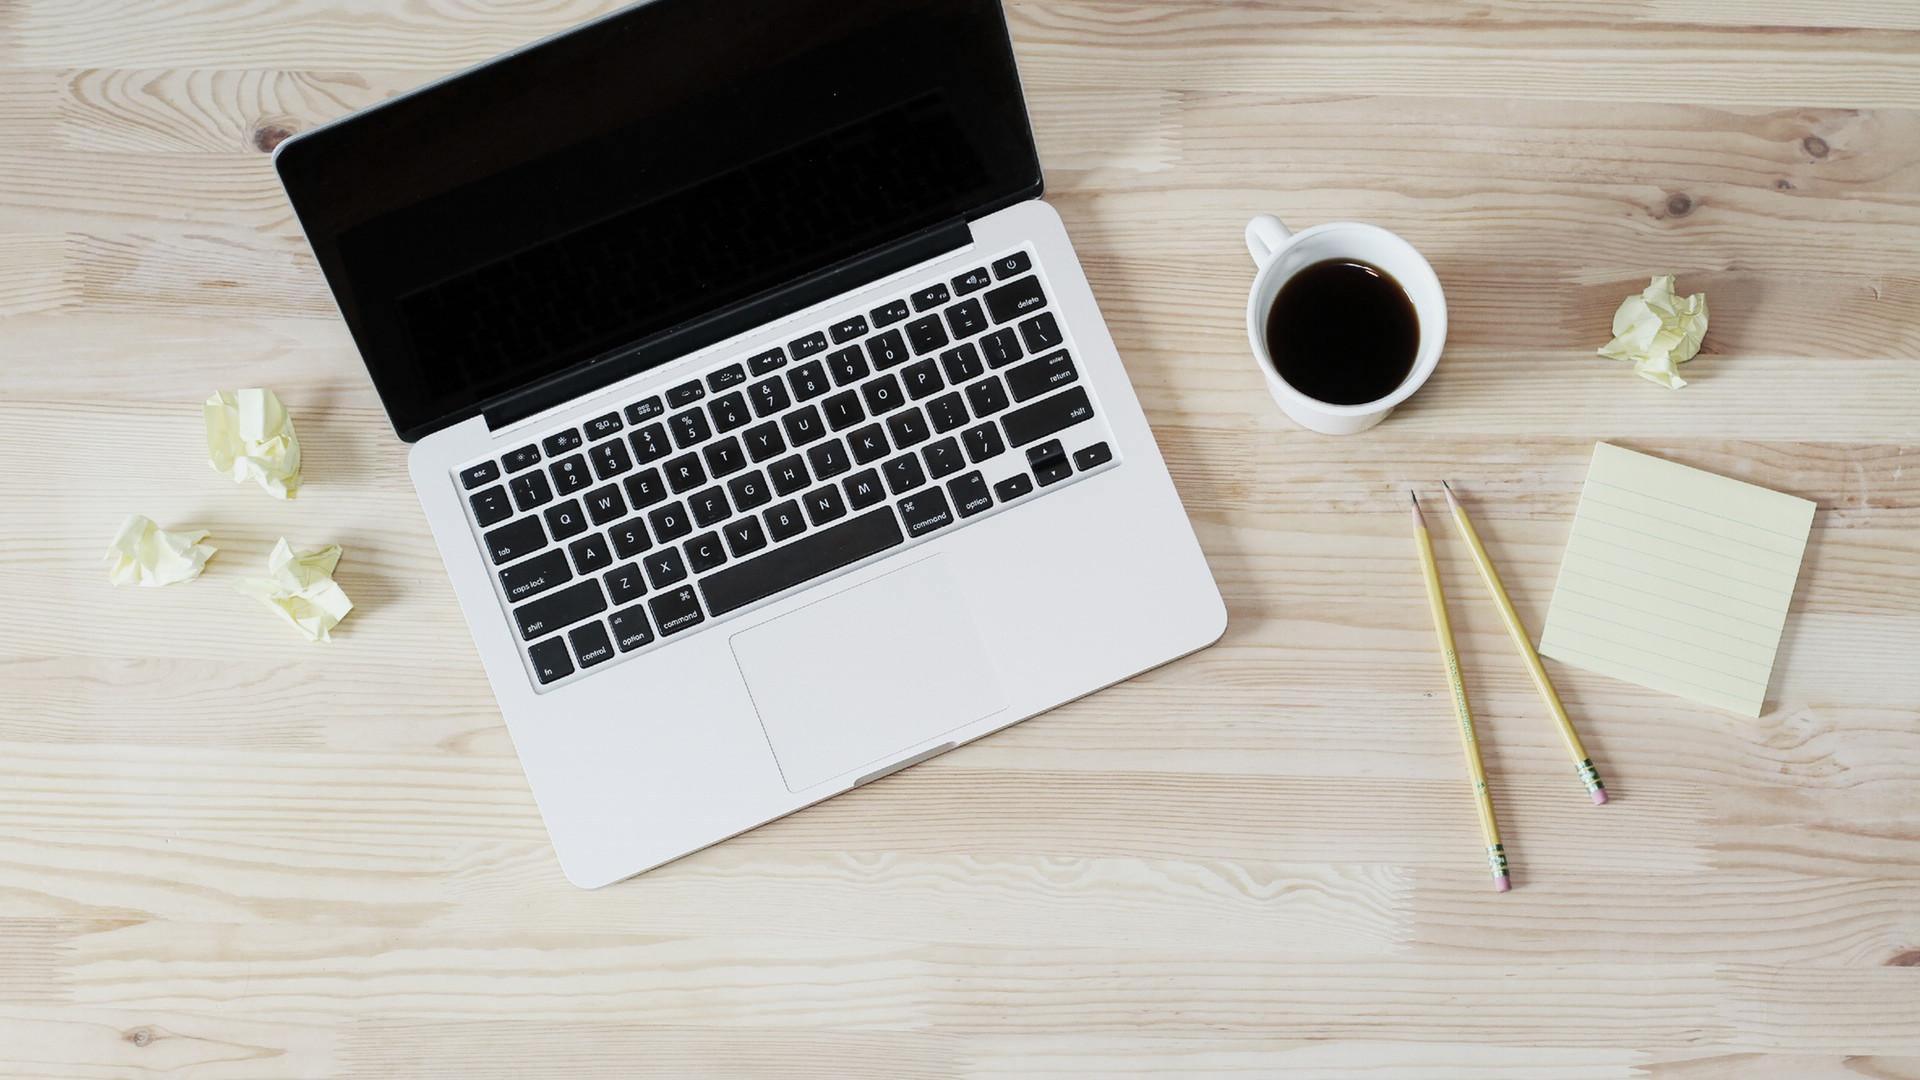 La création d'une boutique en ligne est simple et rapide